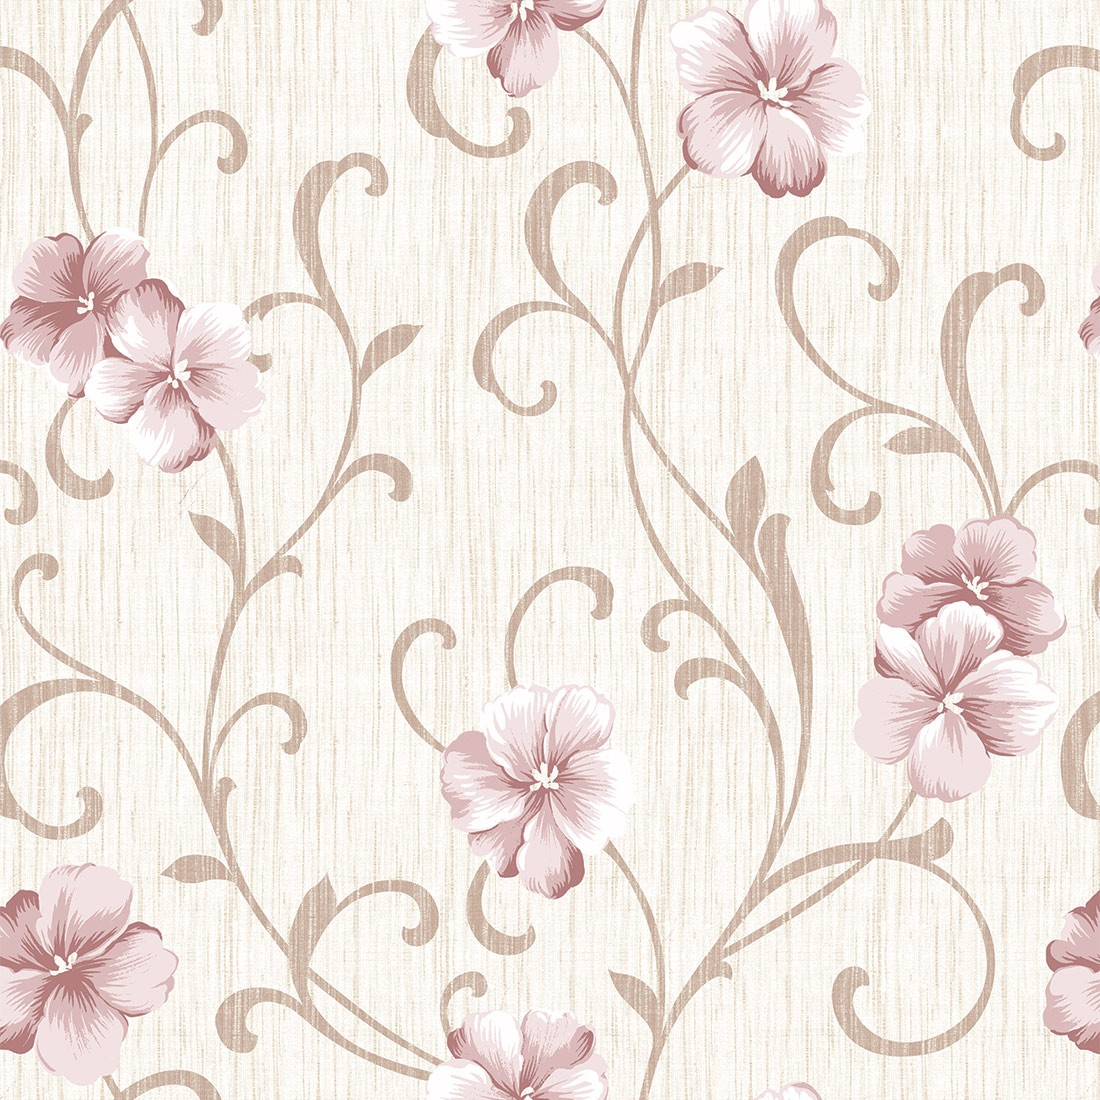 Papel de Parede Floral Glamour Rosa Tons Neutros